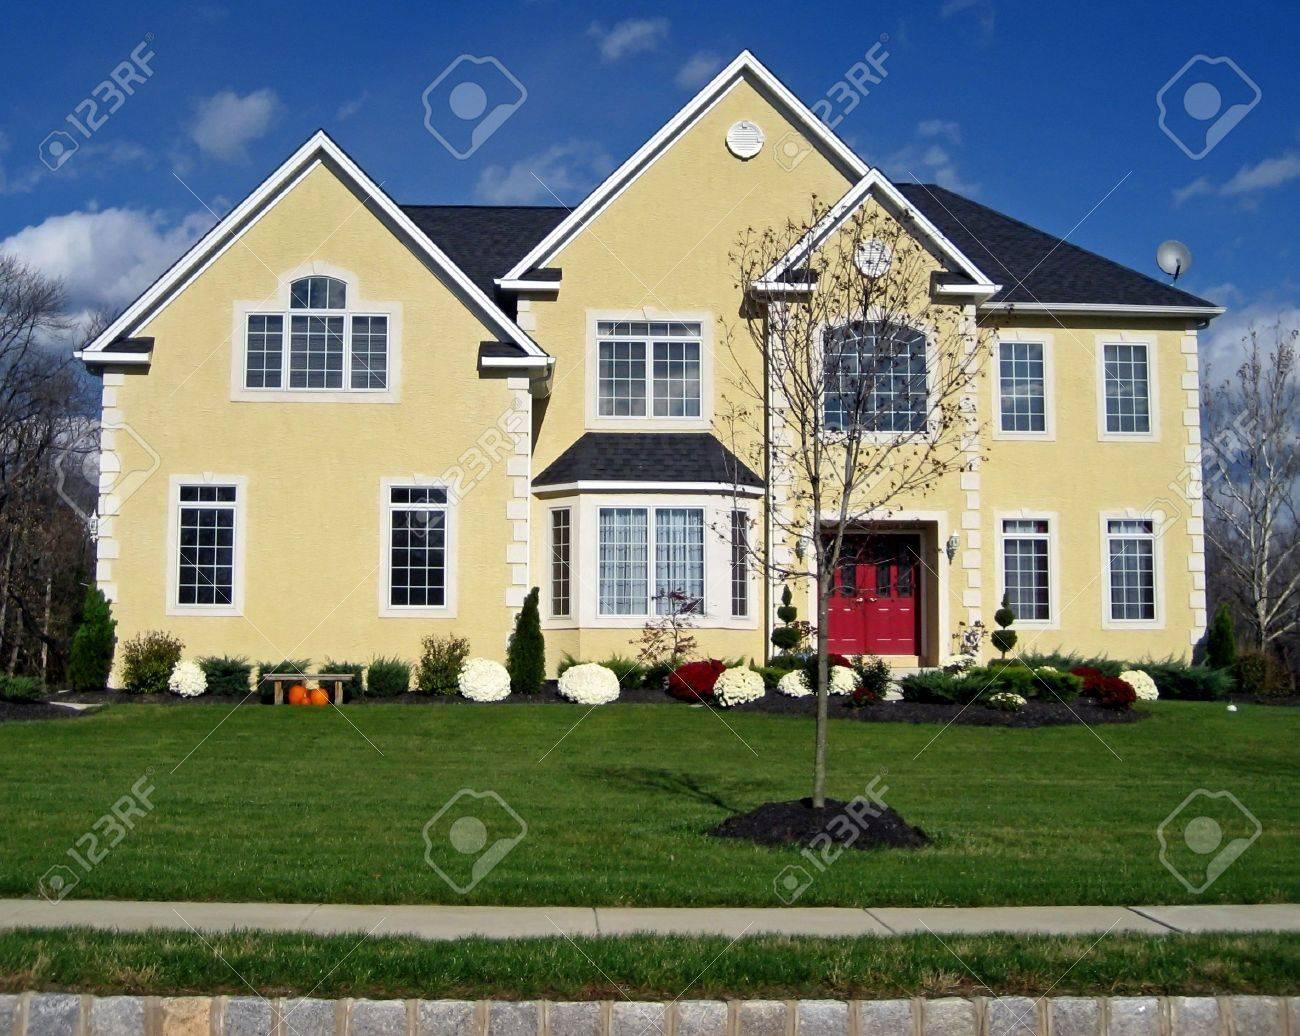 Beliebt Neue, Geräumige Executive Stil Haus Mit Gelben Fassade Und Roten BV13